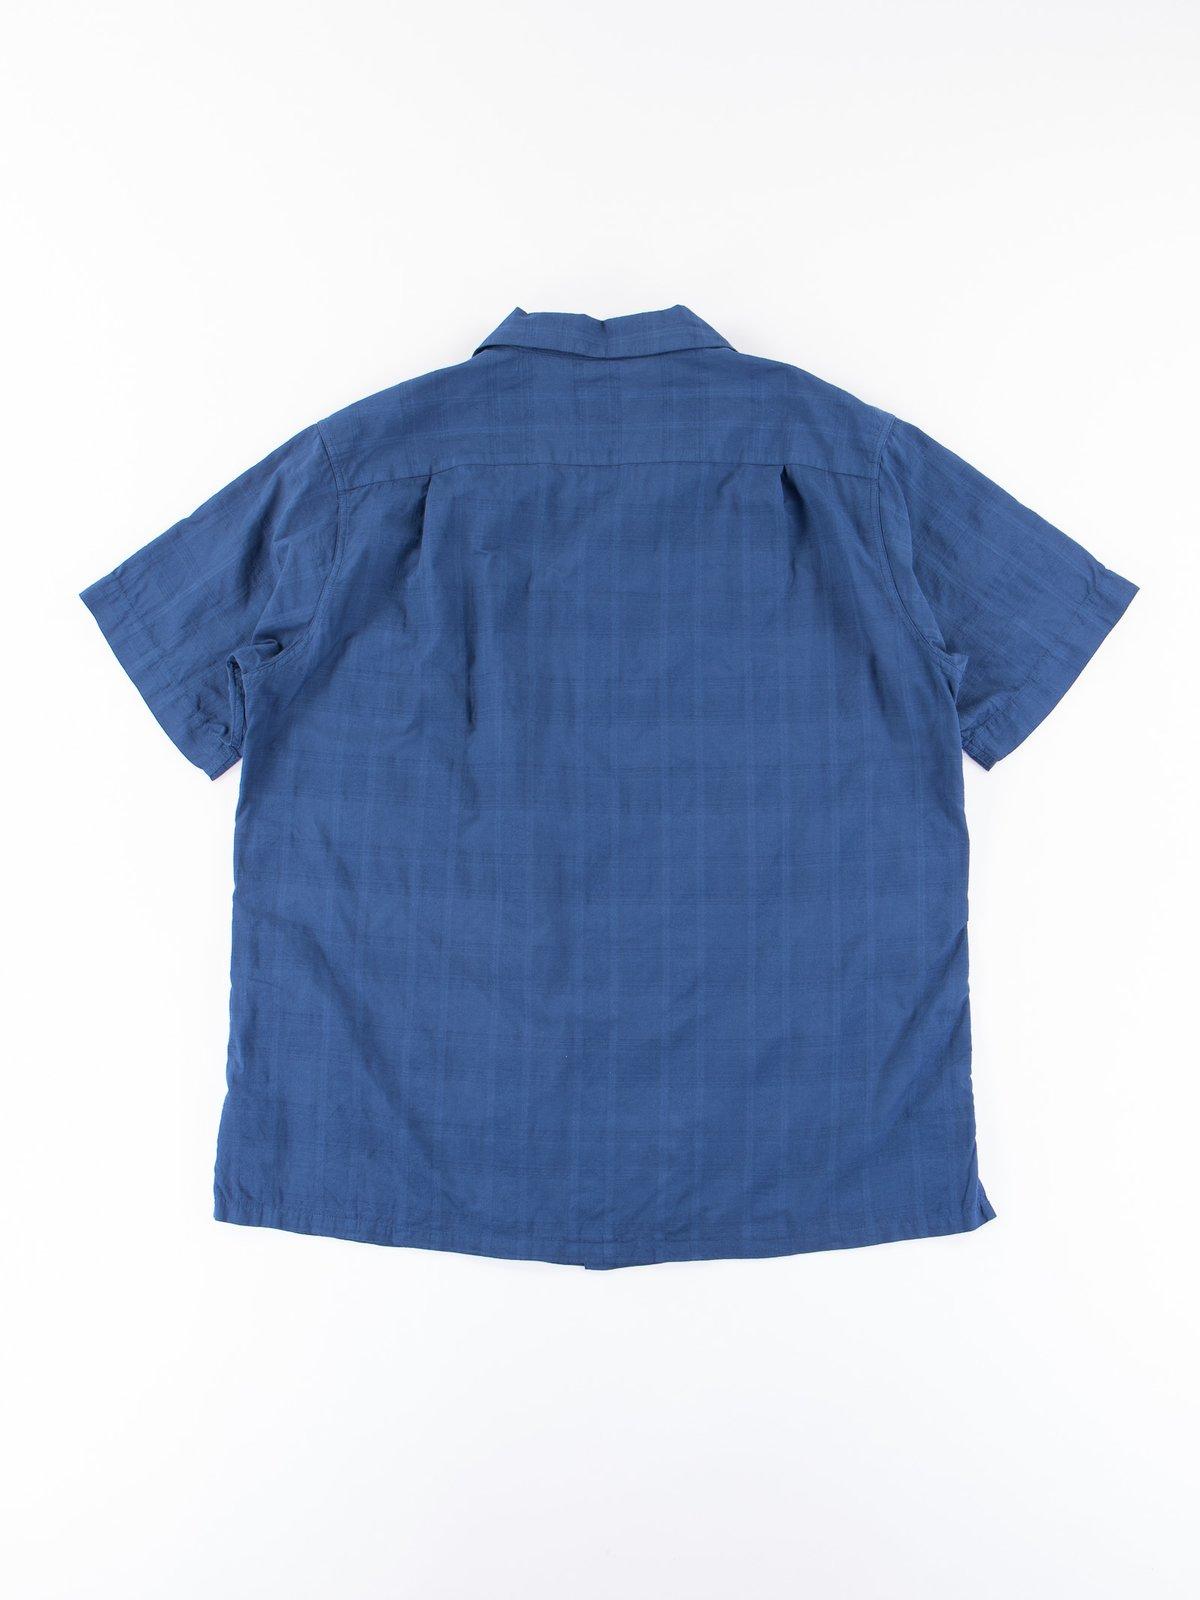 Navy Blue Open SS Shirt - Image 4